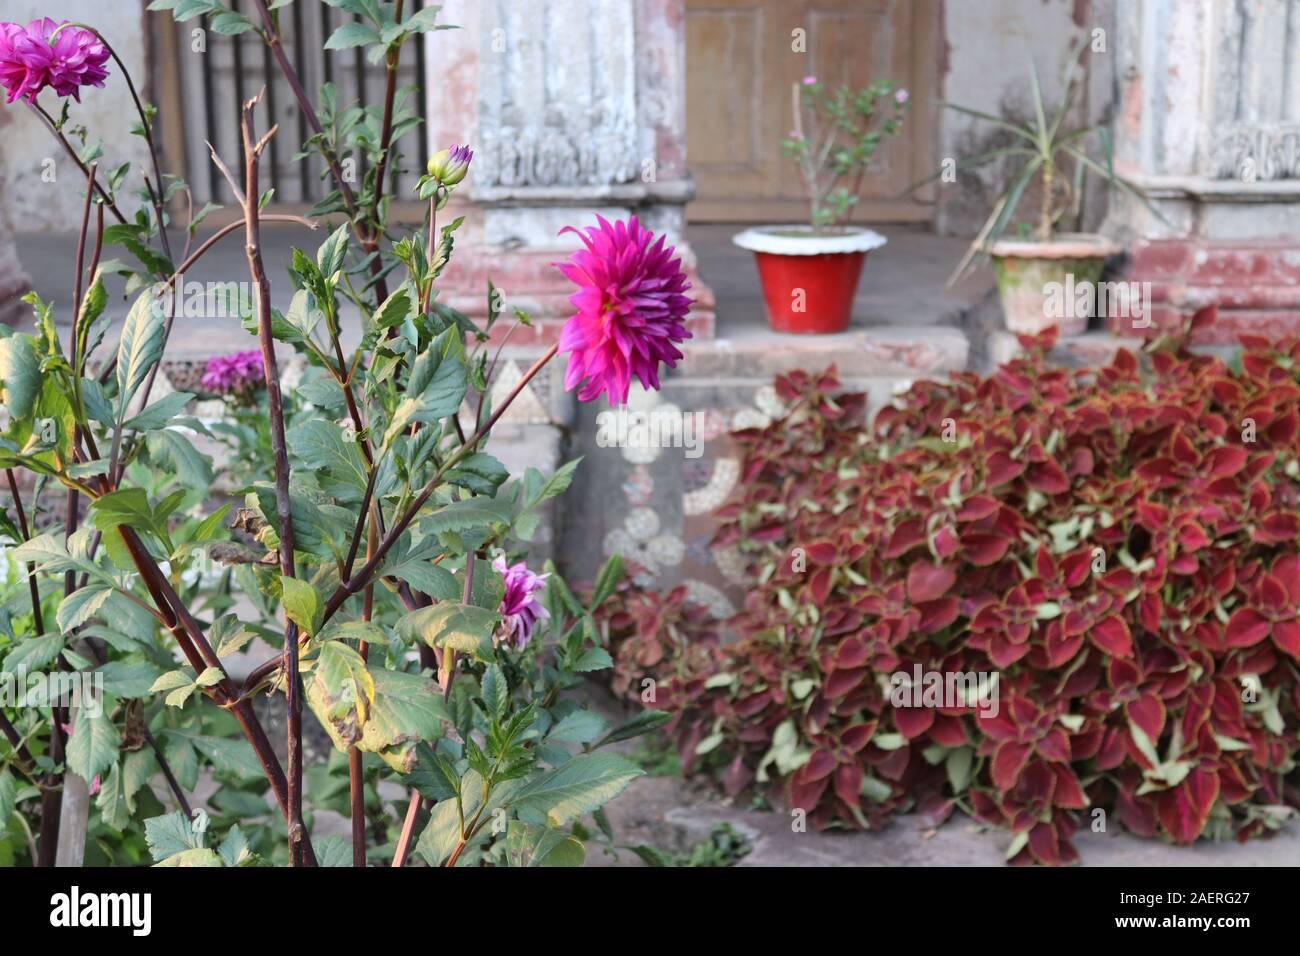 Fonds d'images de fleurs Banque D'Images